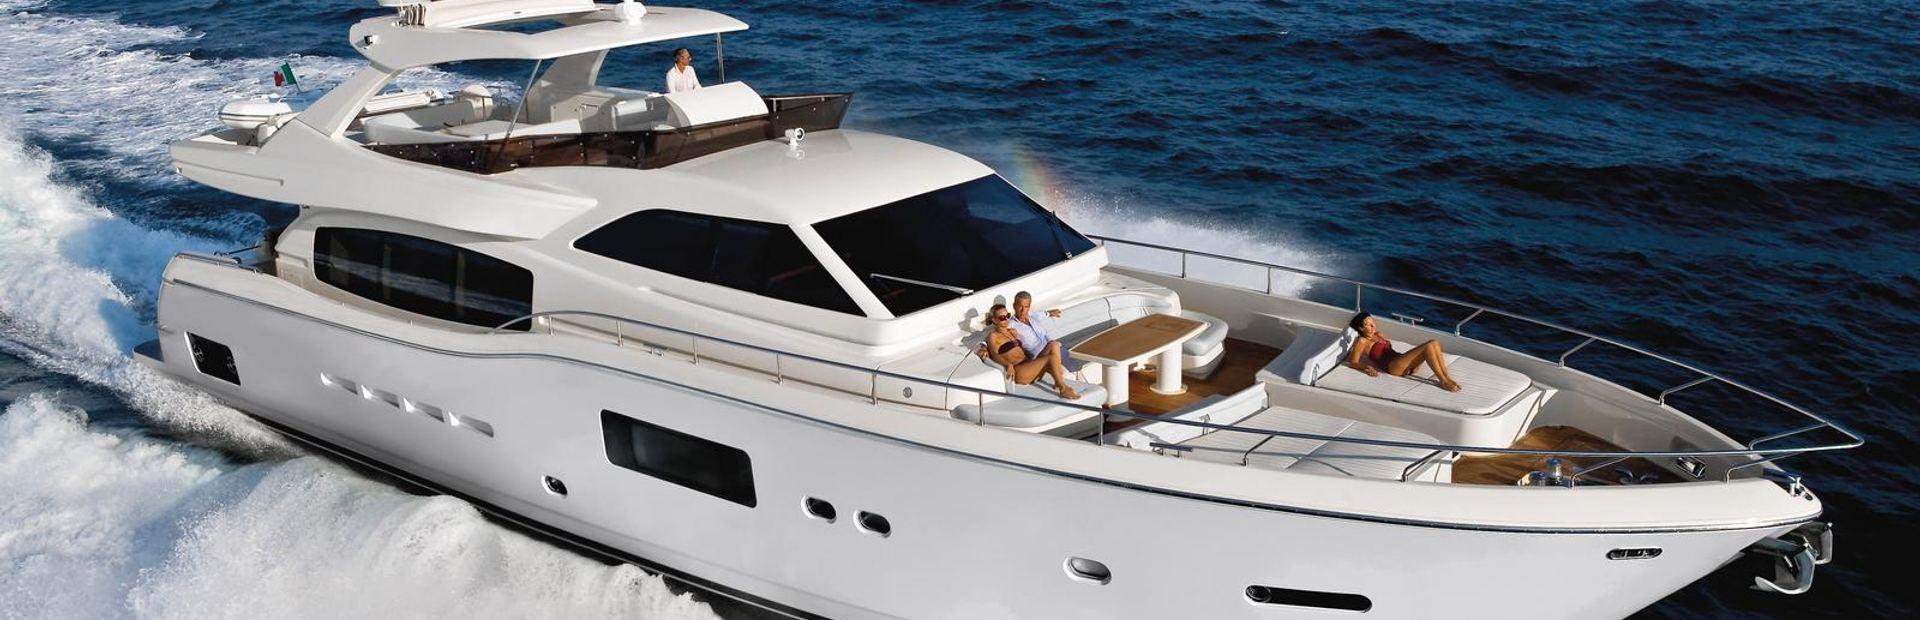 Altura 840 Yacht Charter